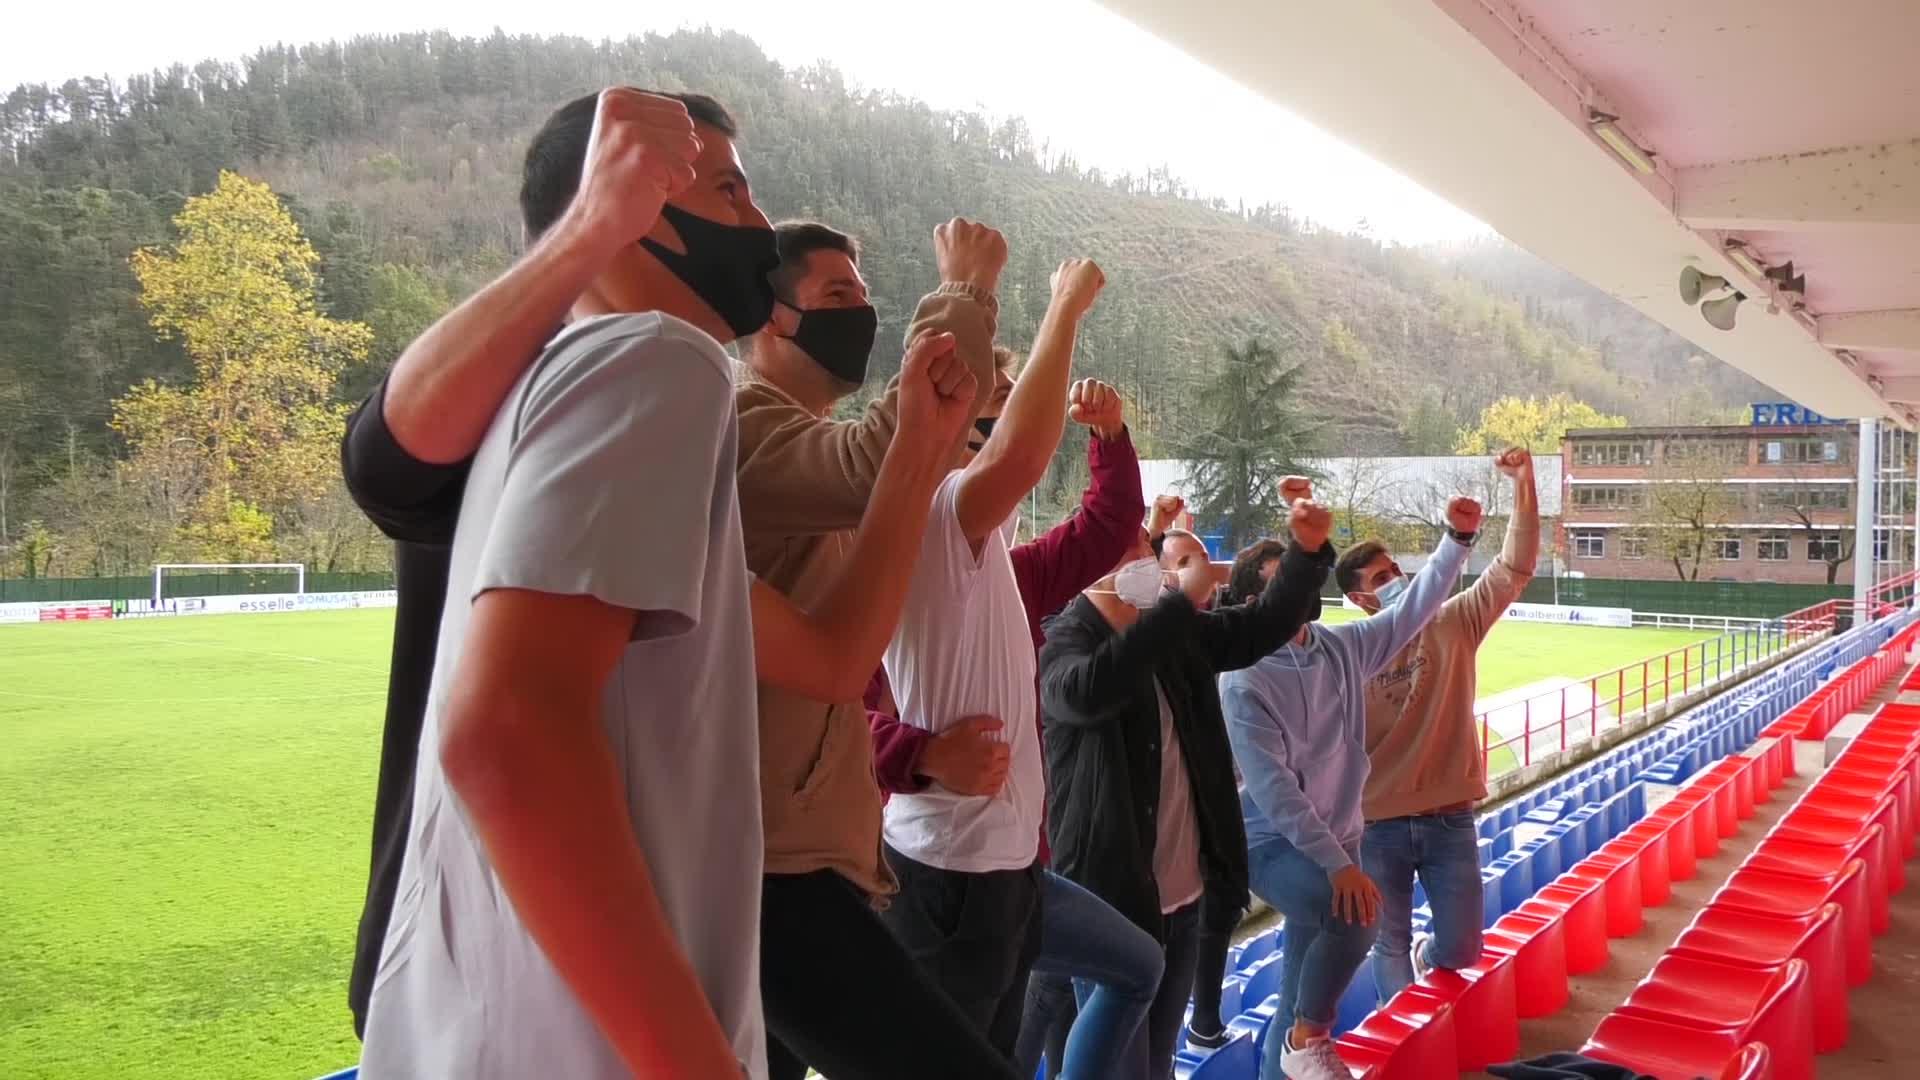 Anaitasunak Getaferen aurka jokatuko du Errege Kopako kanporaketa